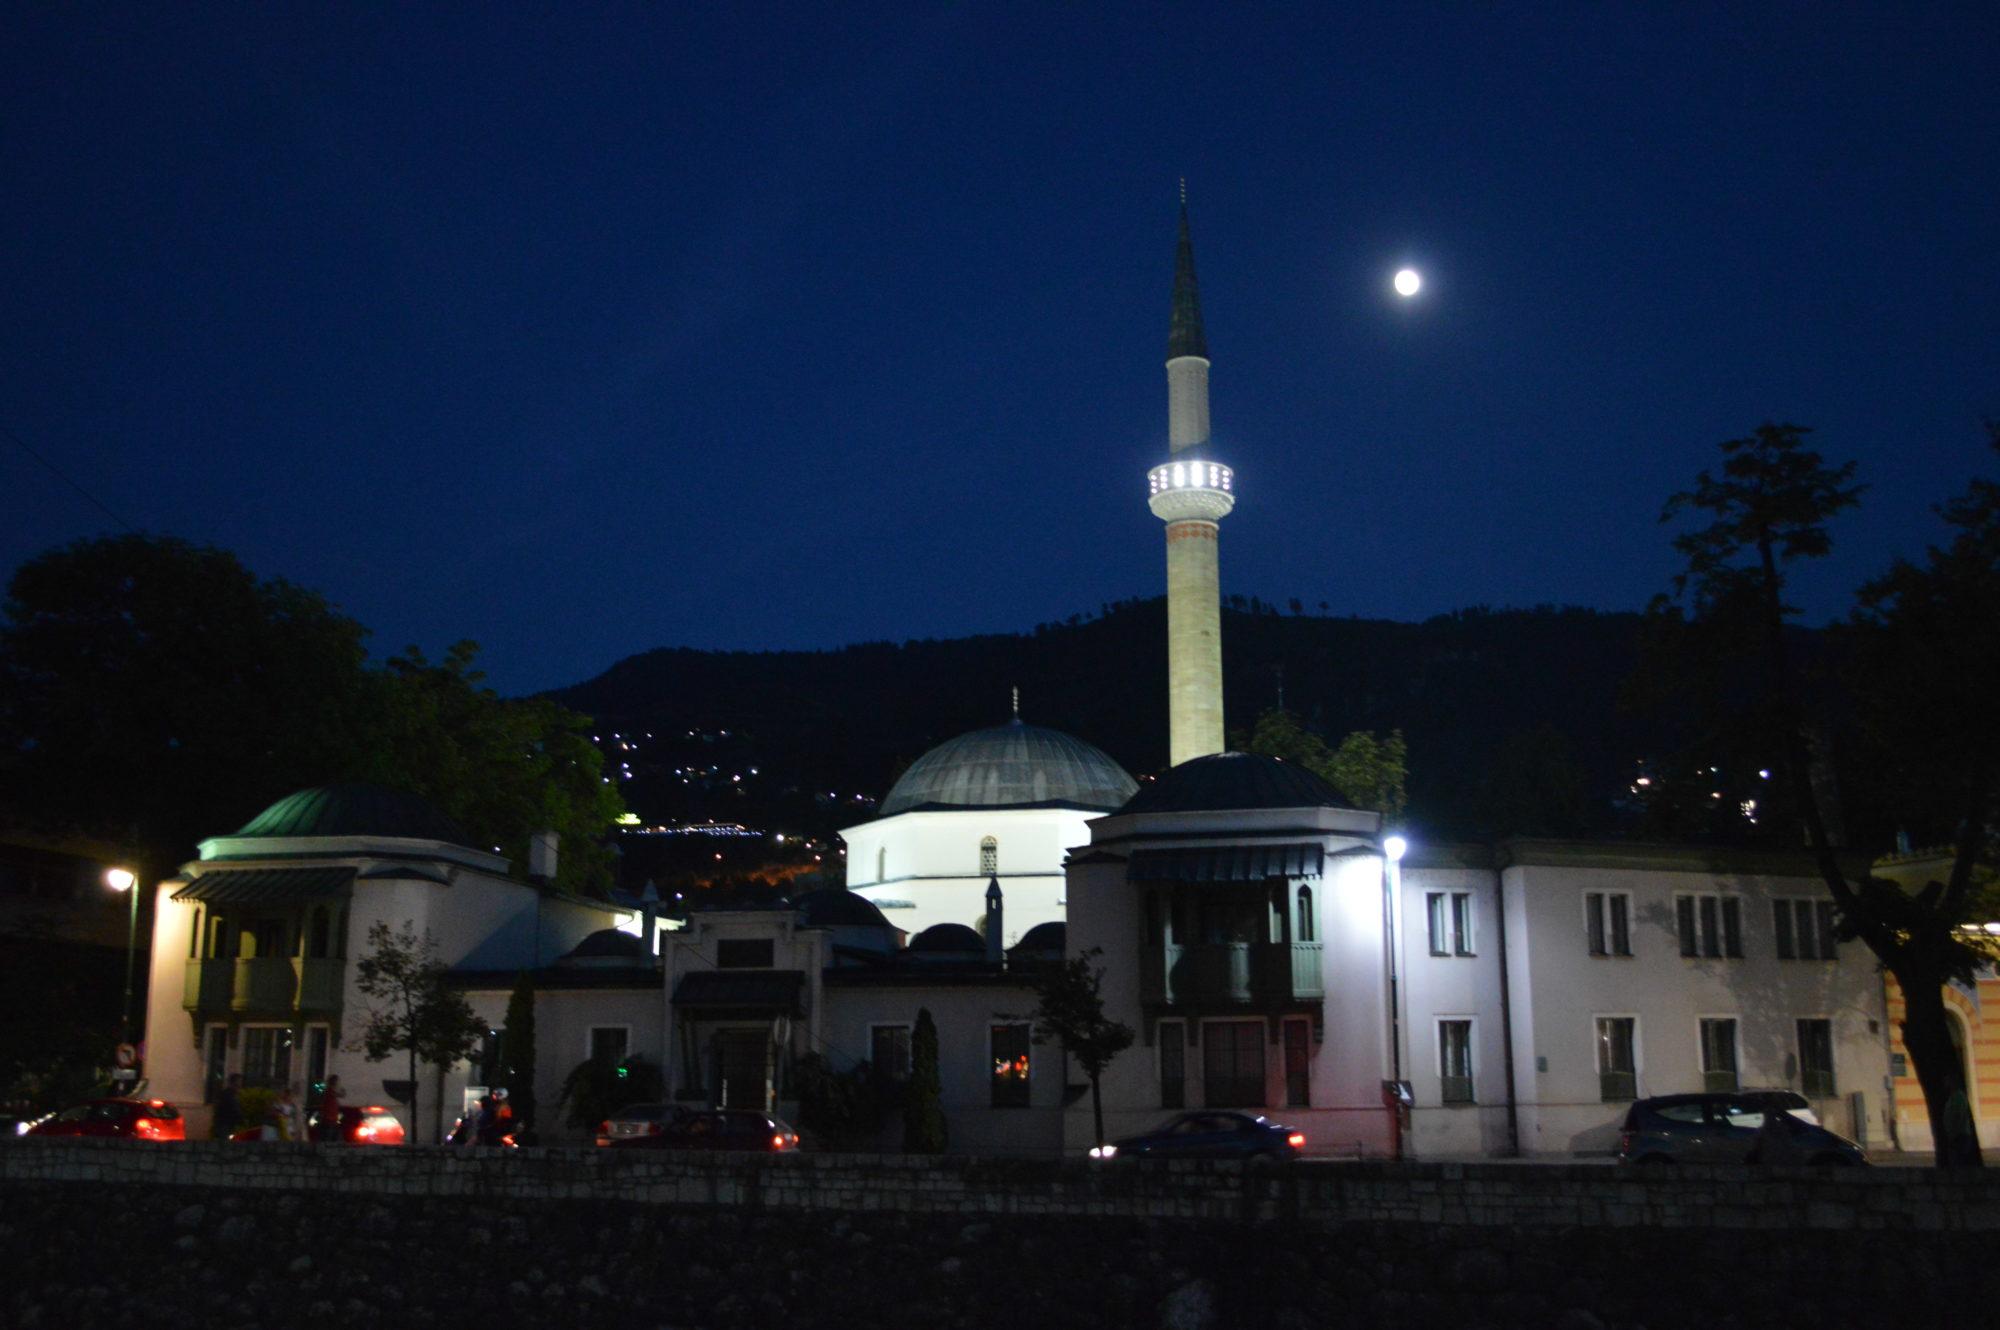 sarajevo-mosque-night